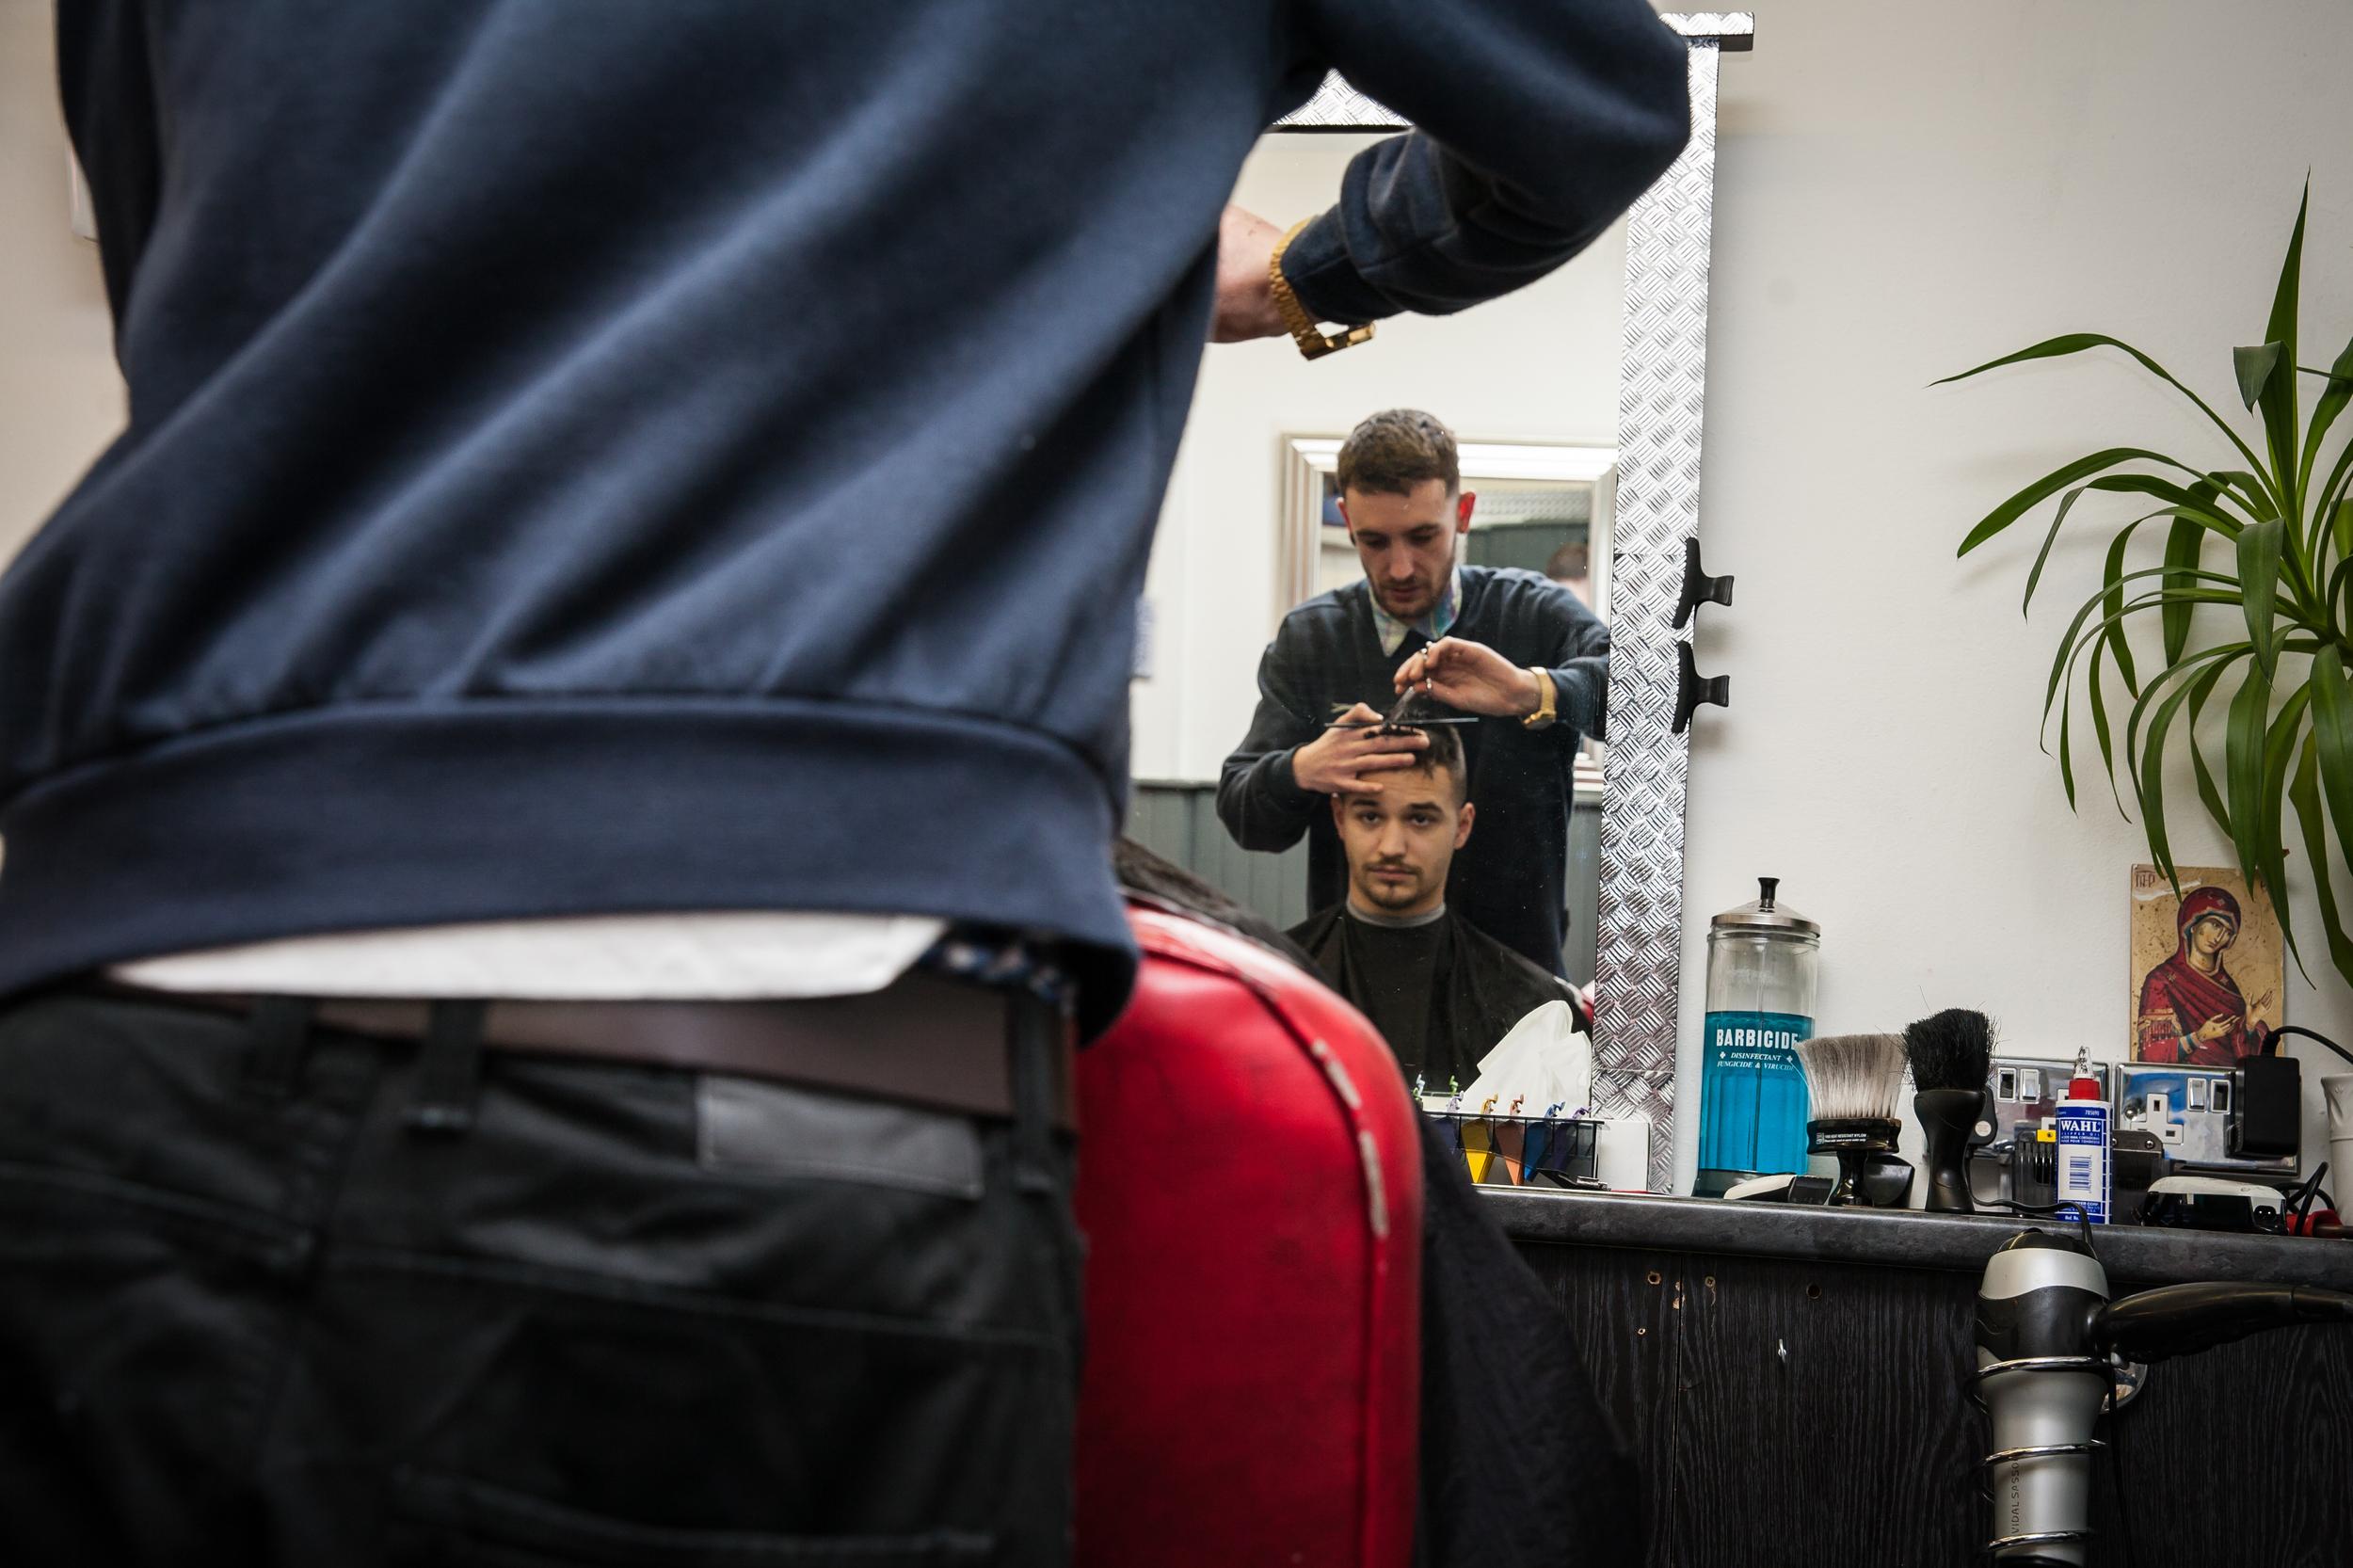 The Barber Shop, Gloucester Road, Barber Shop Photo Essay for   Bristol 24/7 Magazine .